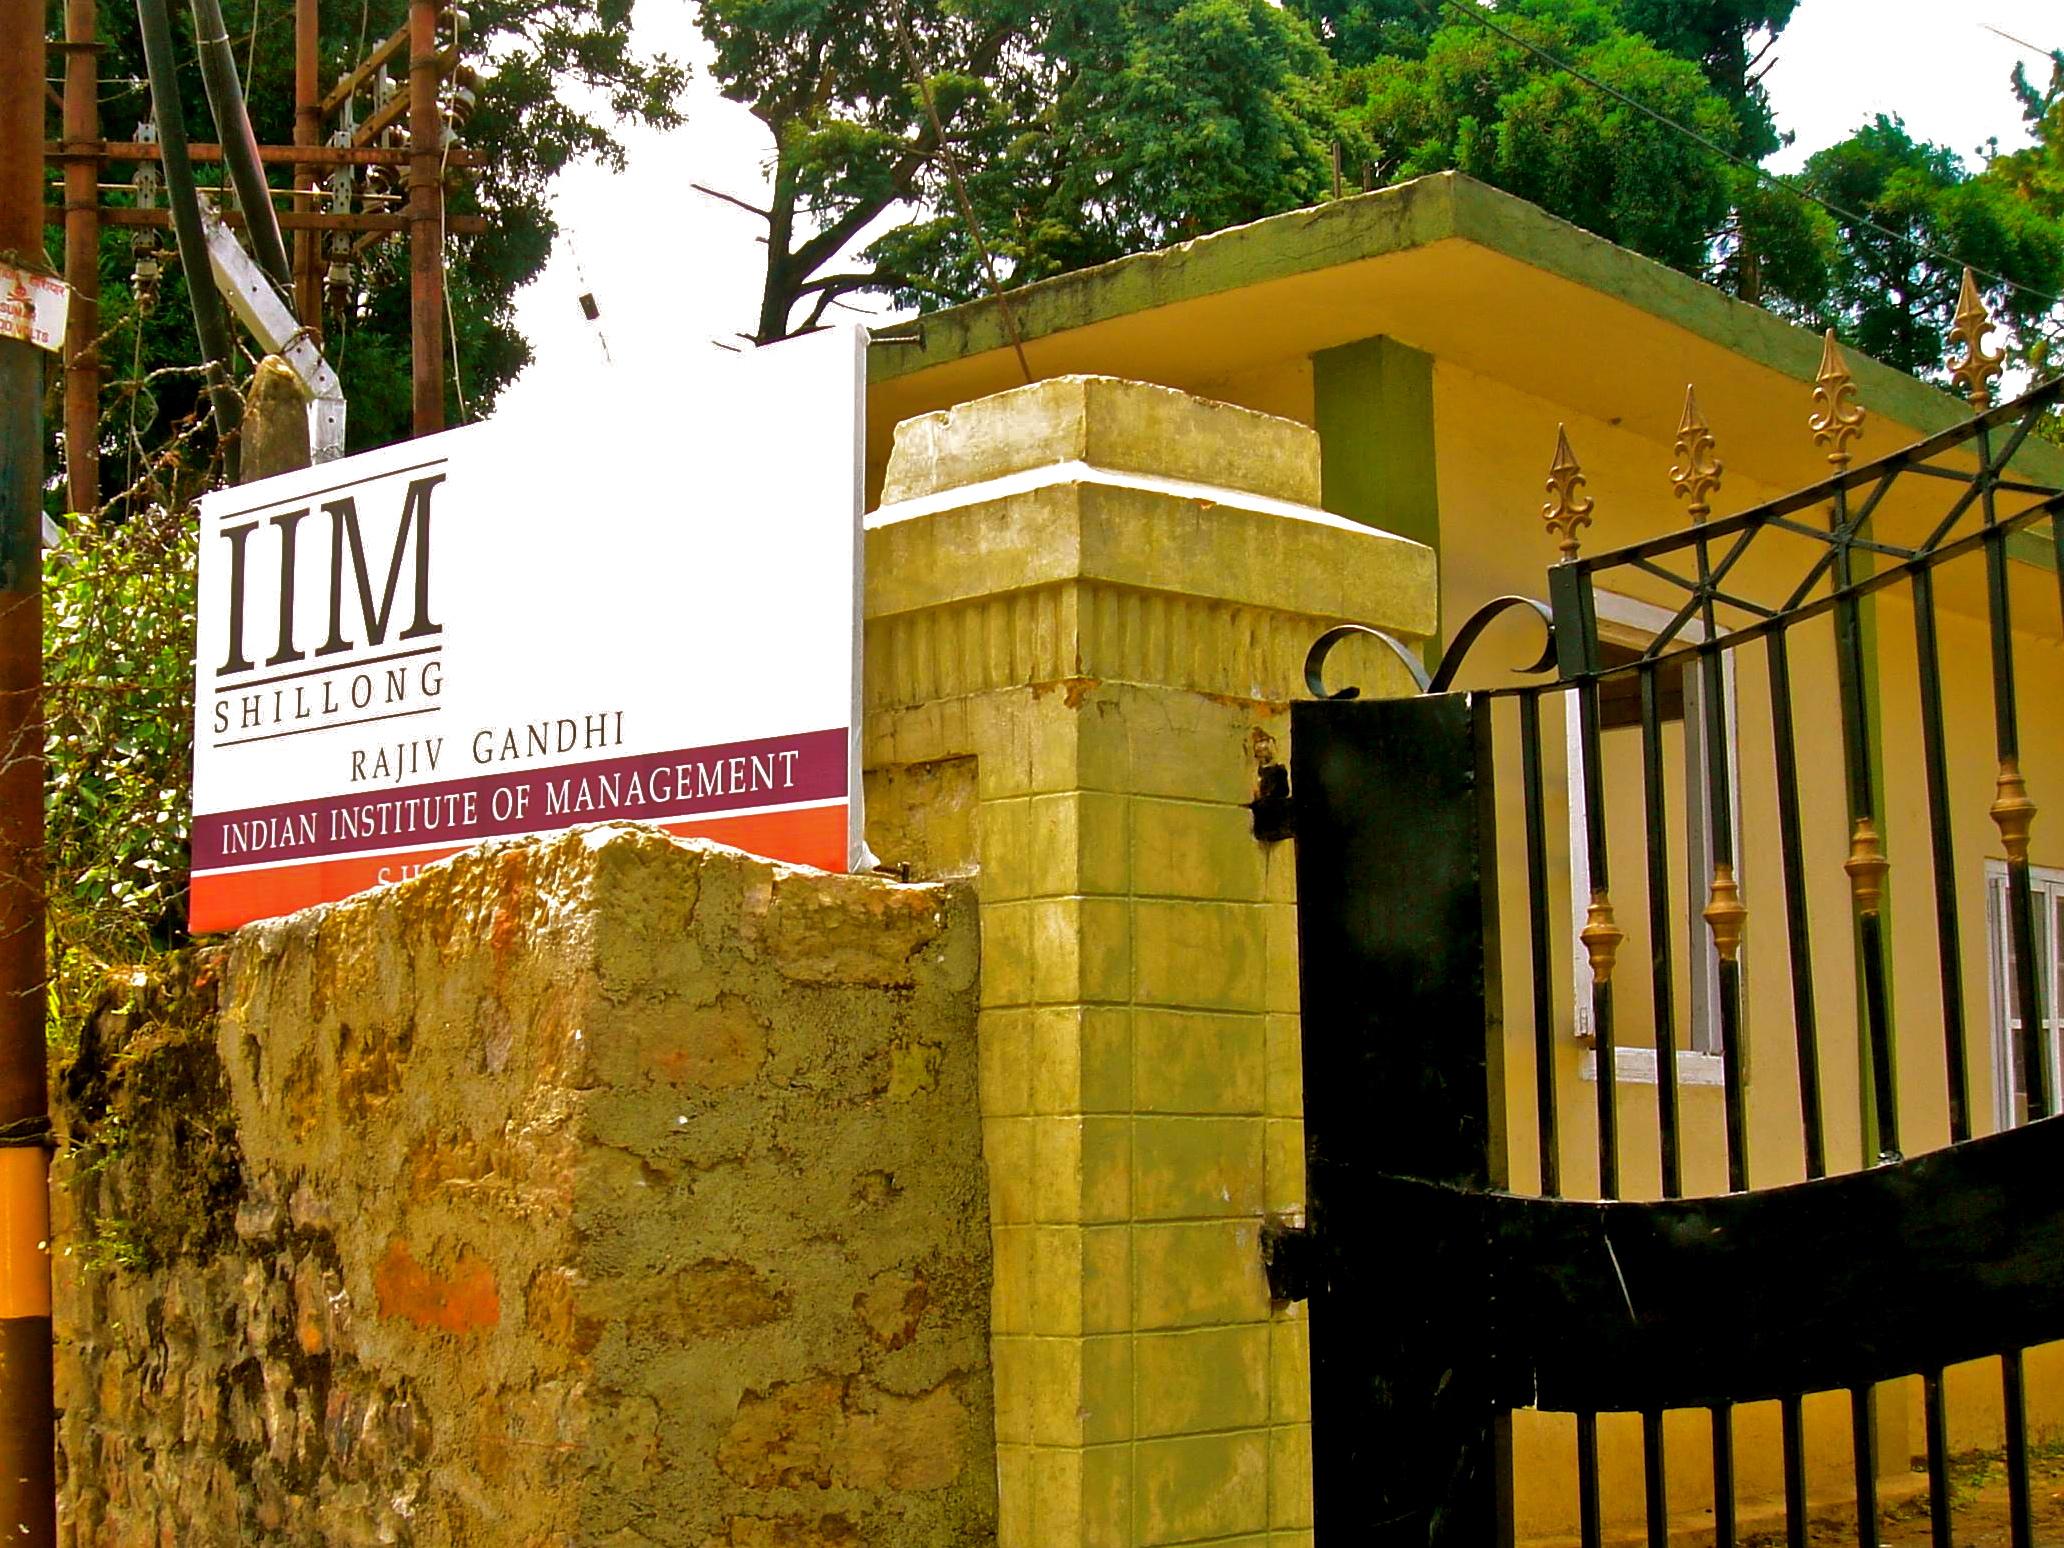 IIM Shillong's Entrance